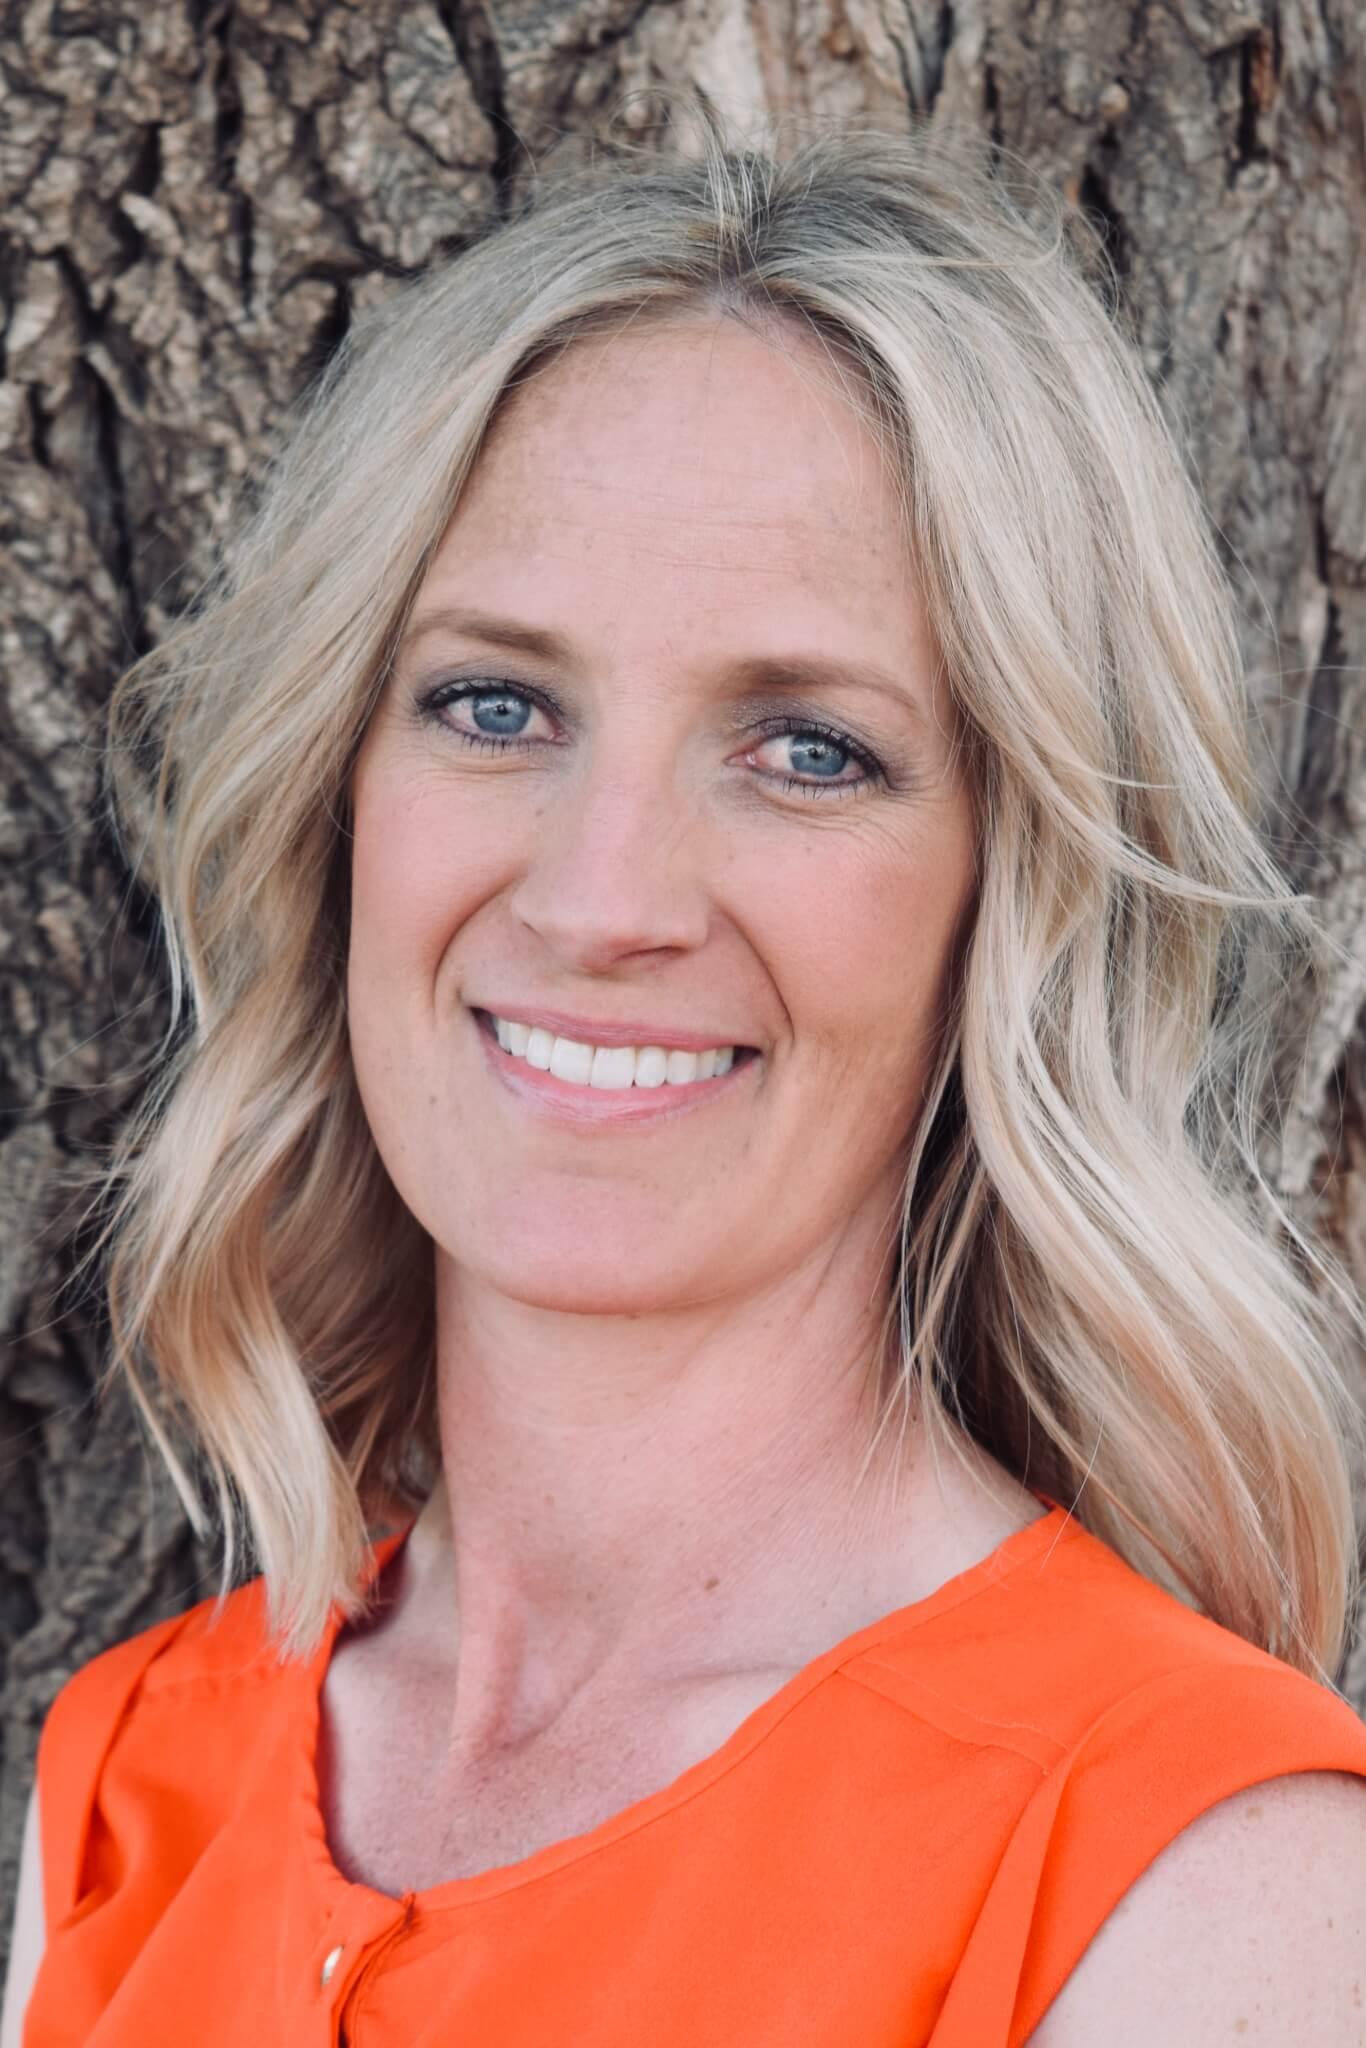 Amanda Dawn Kirkendall